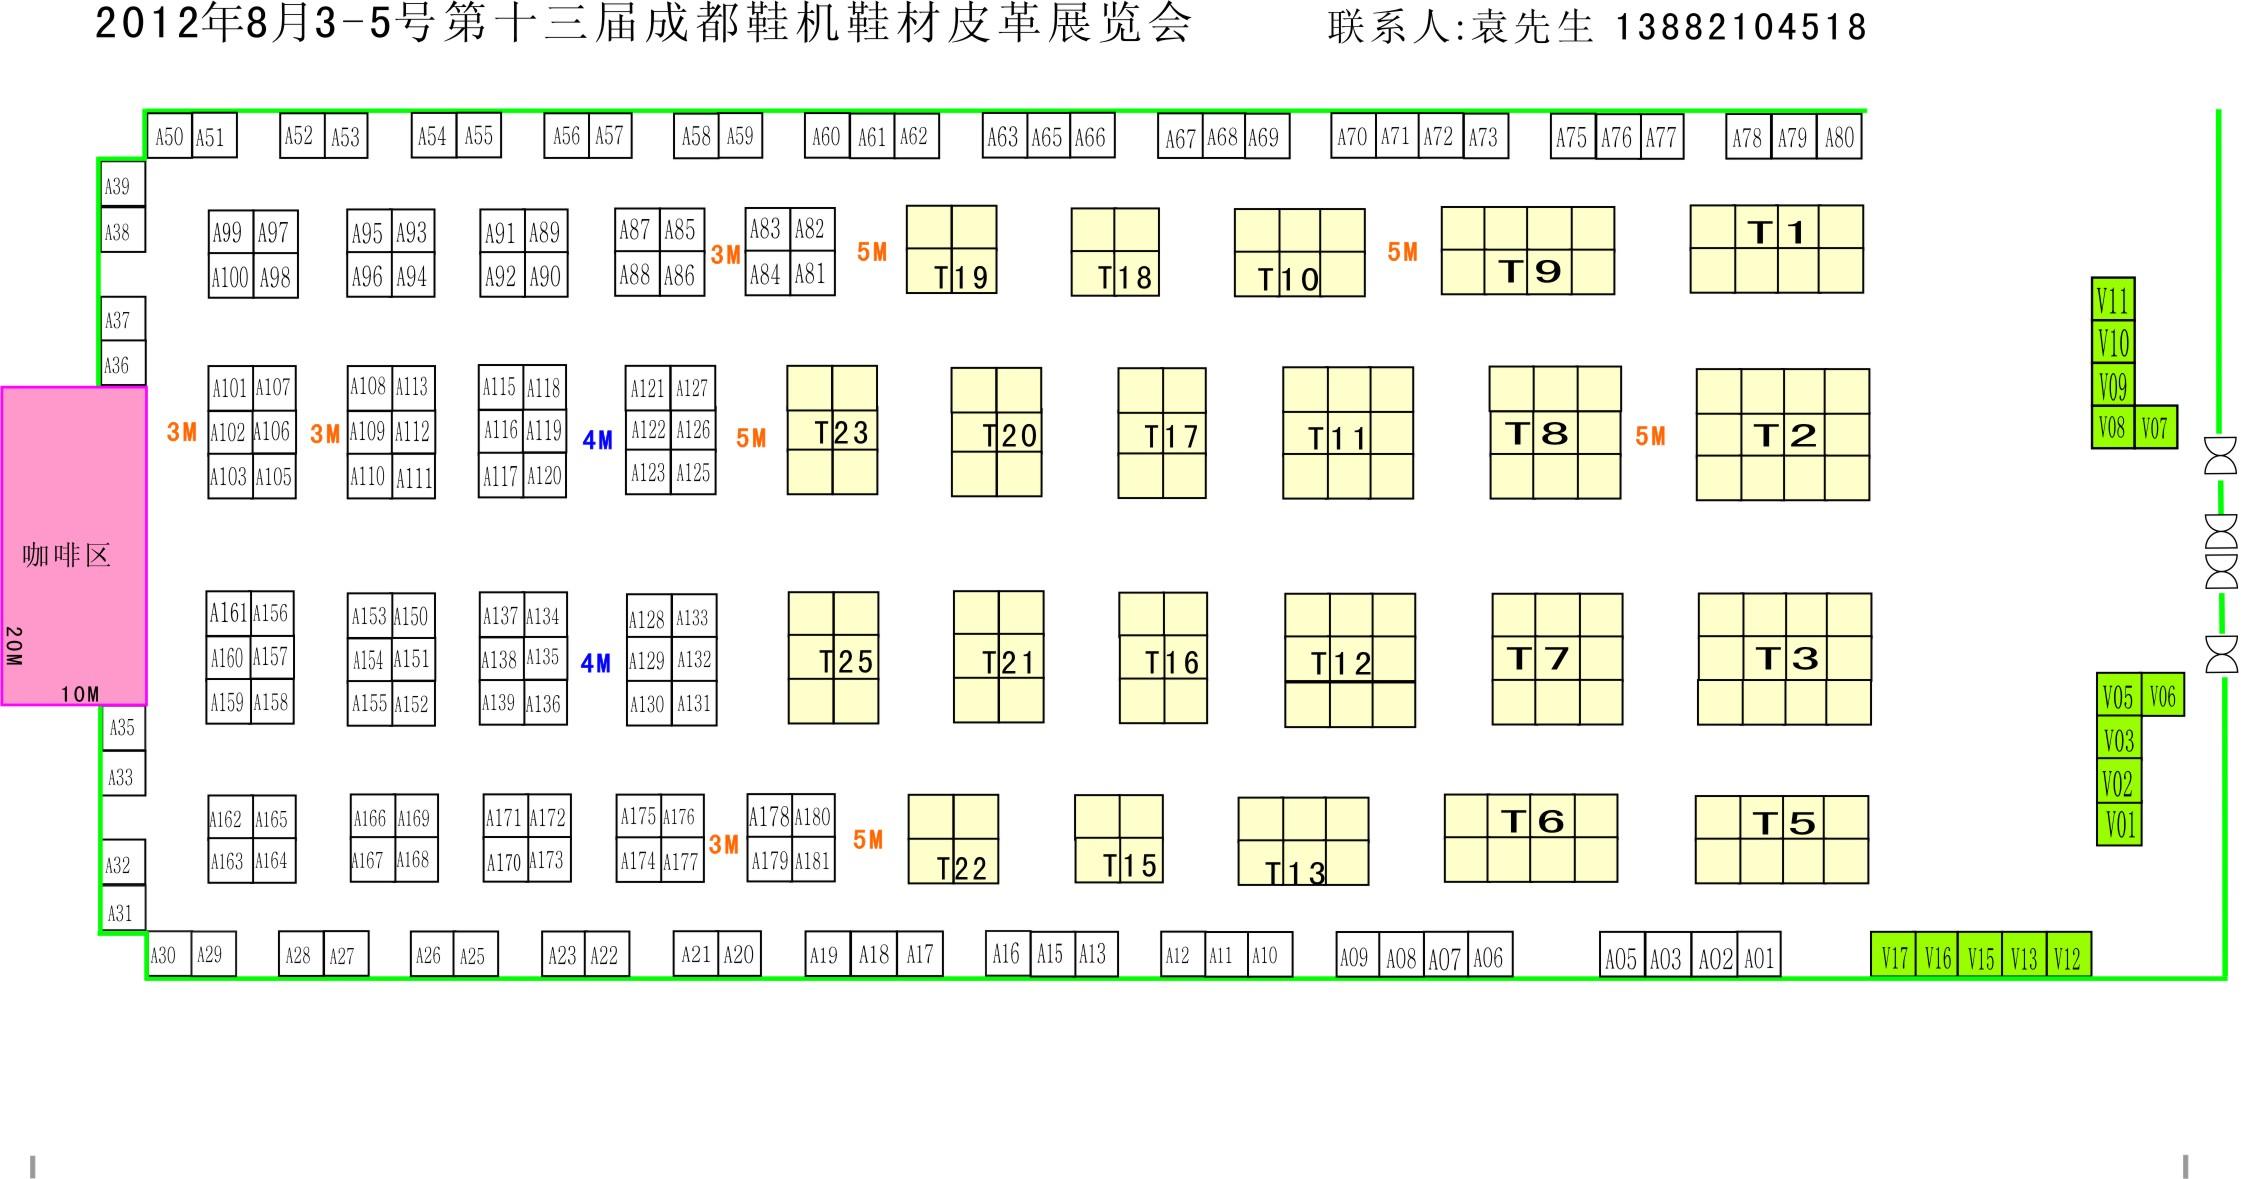 2012第十三届成都国际制鞋制革材料及设备展览会